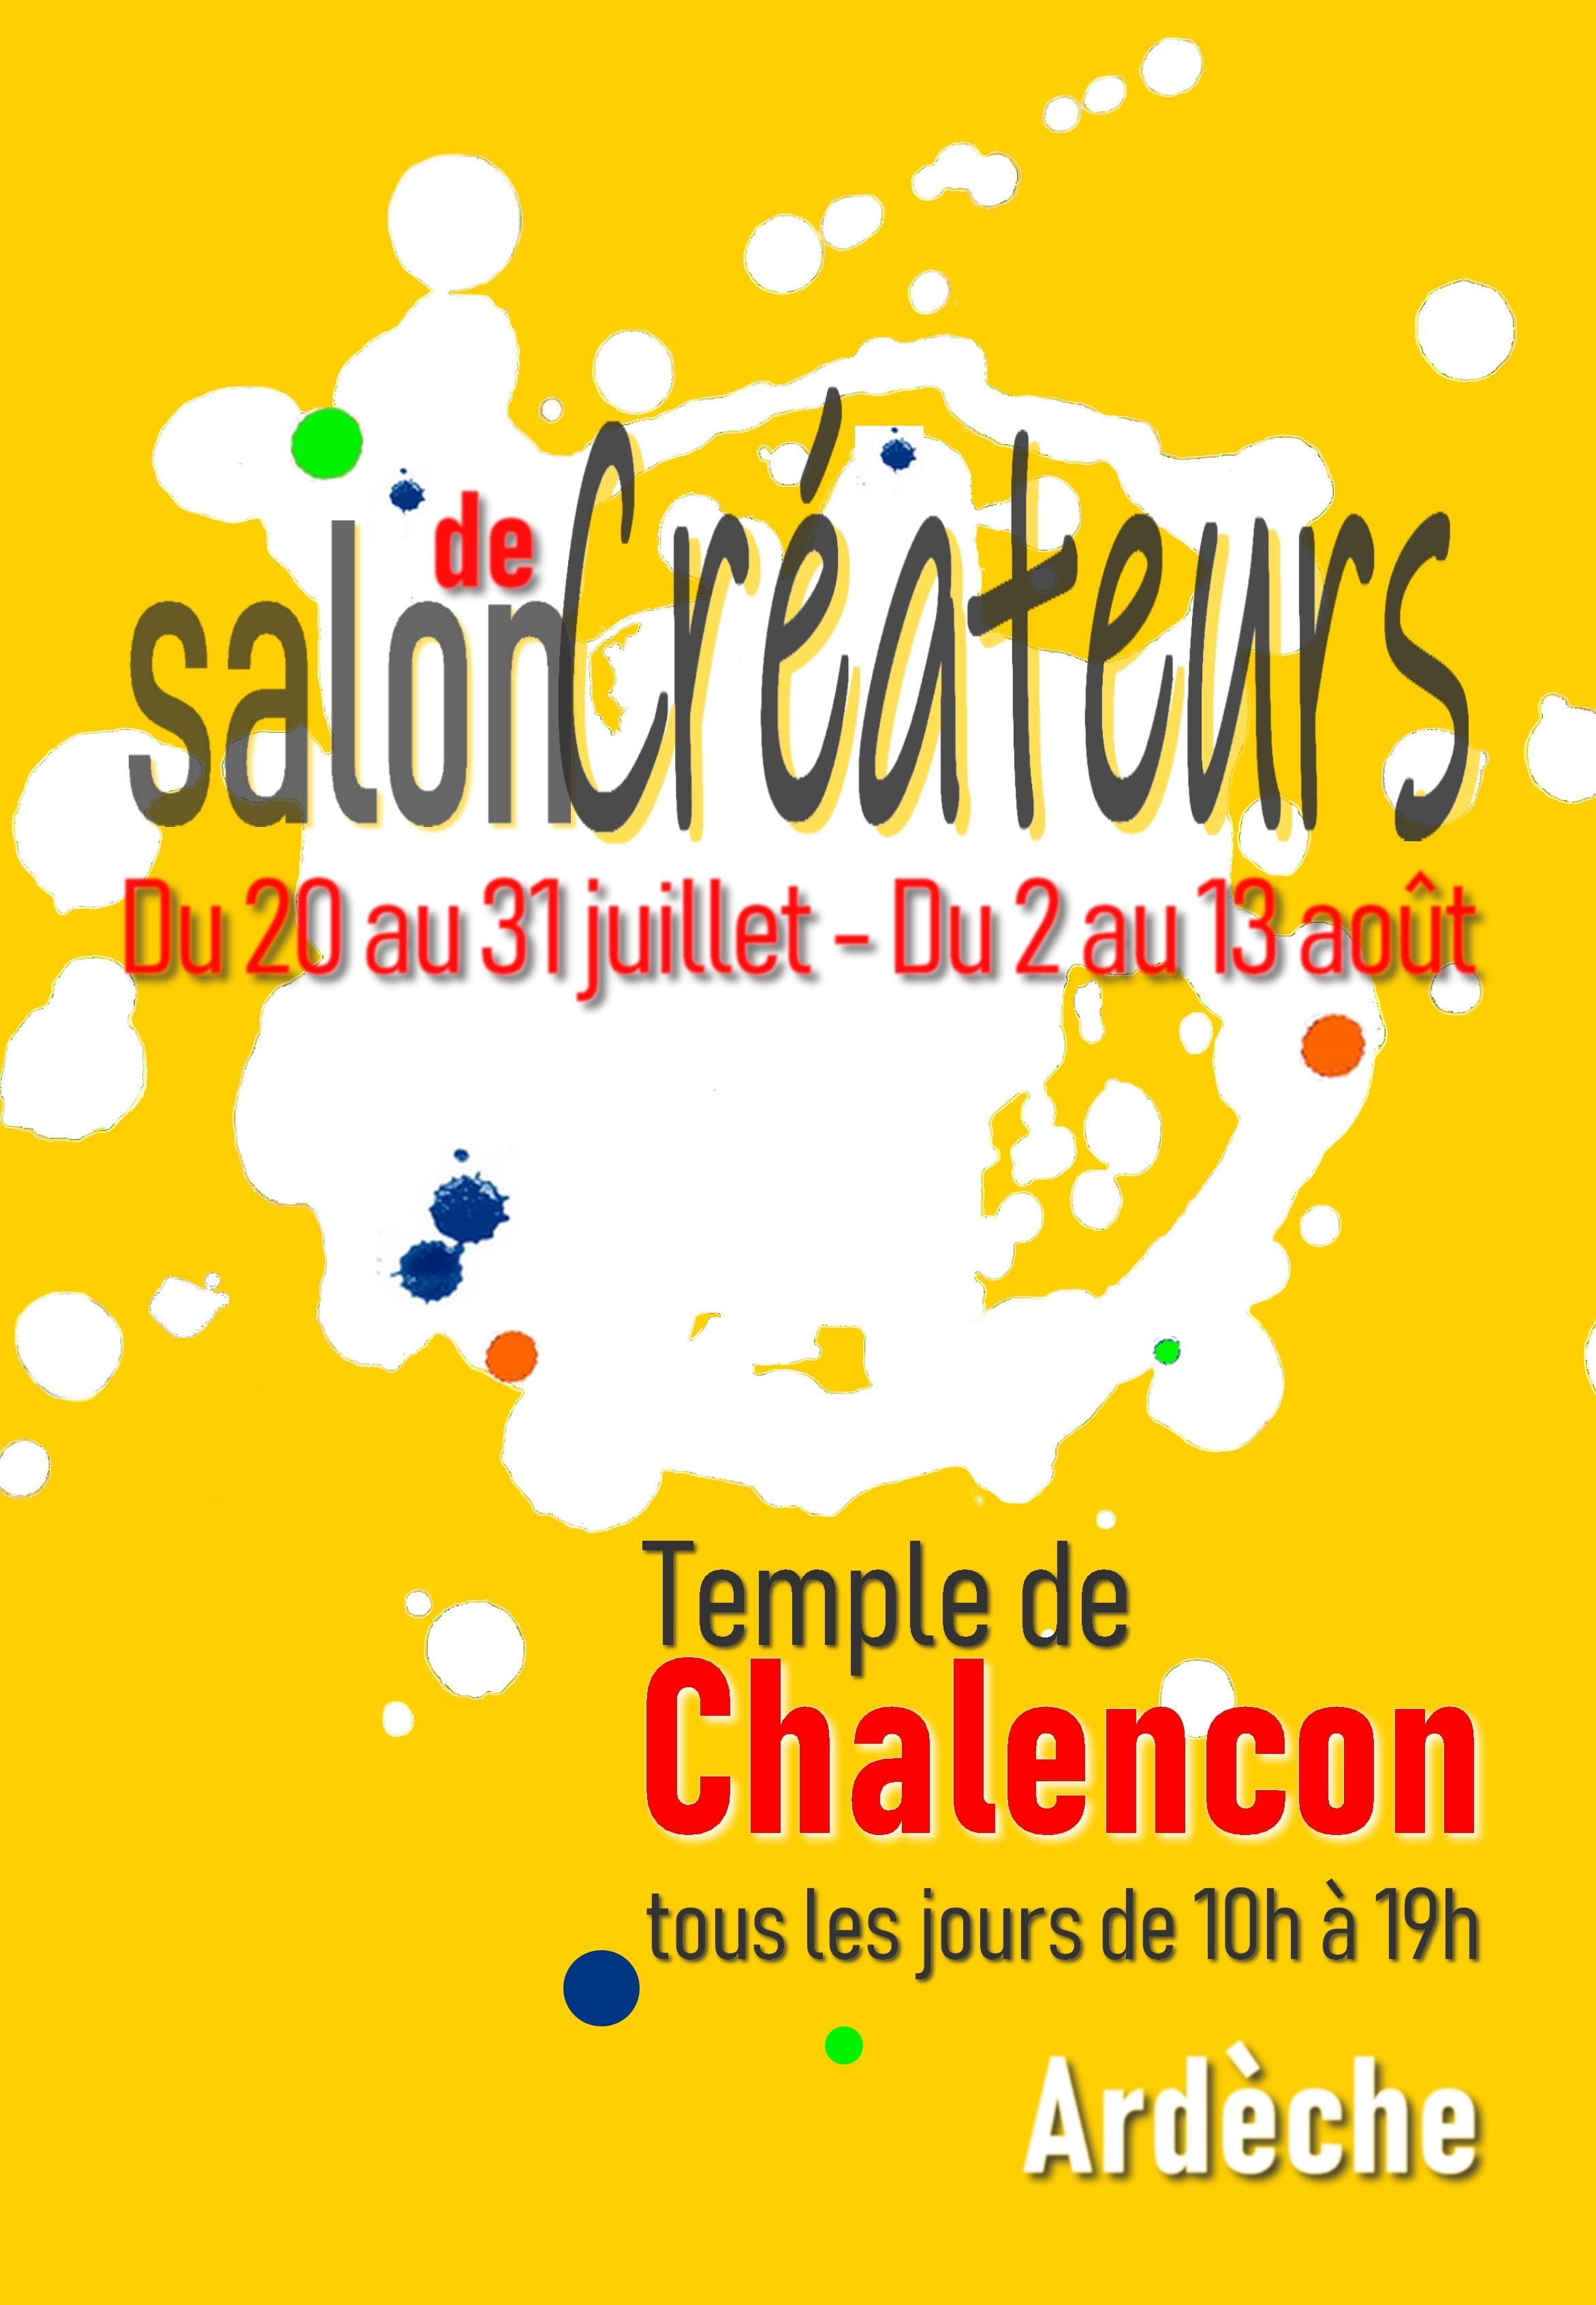 Salon des créateurs (exposition-vente de créations artistiques et artisanales)